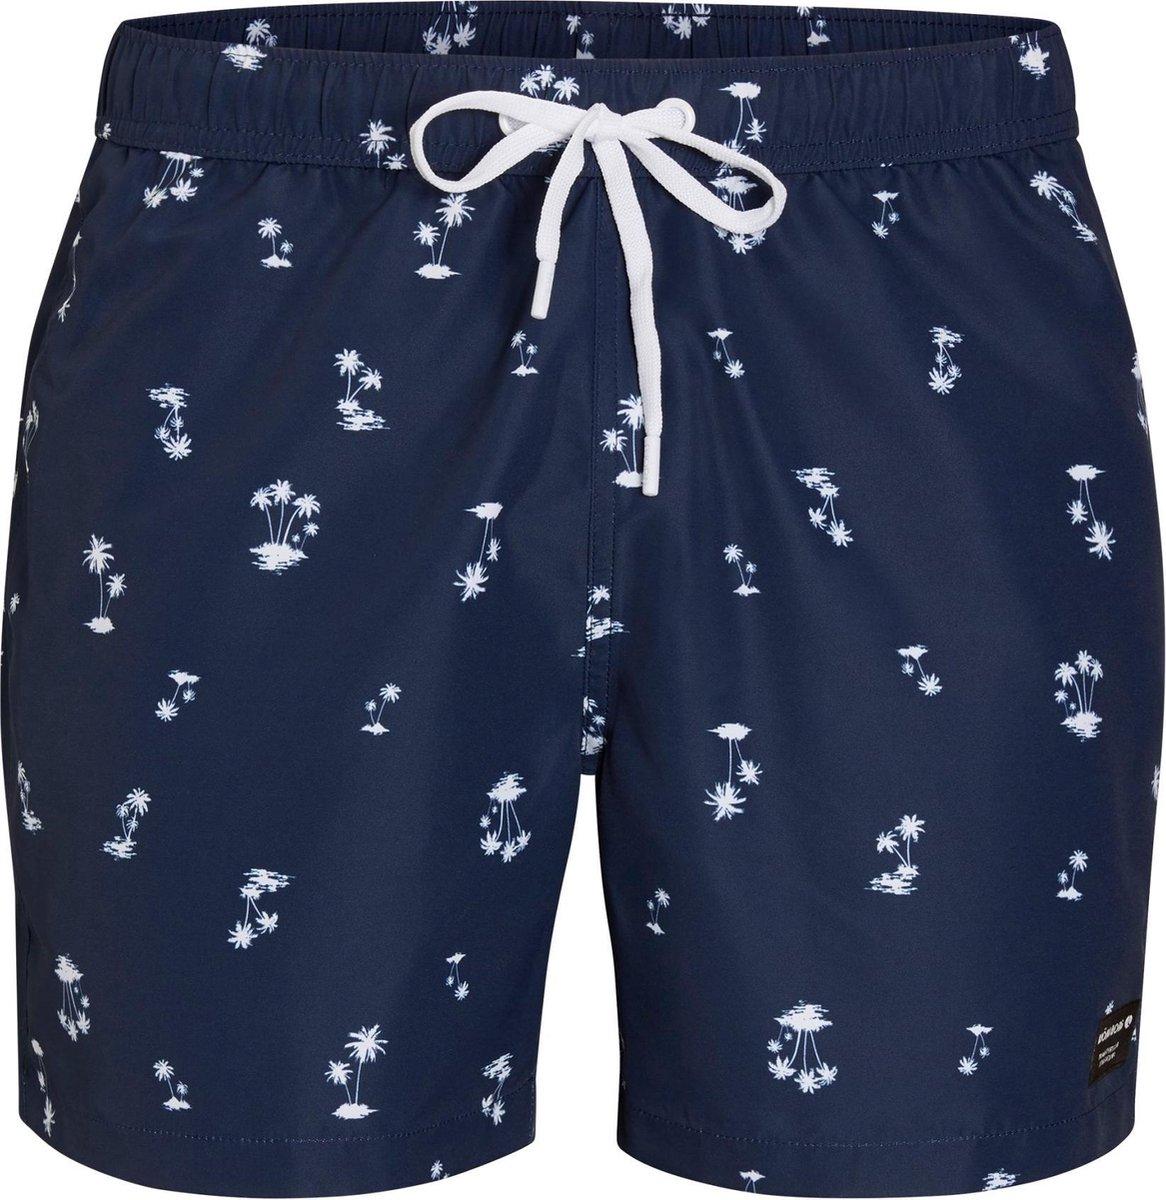 Bjorn Borg Kenny shorts jongens zwembroek - blauw - maat 158